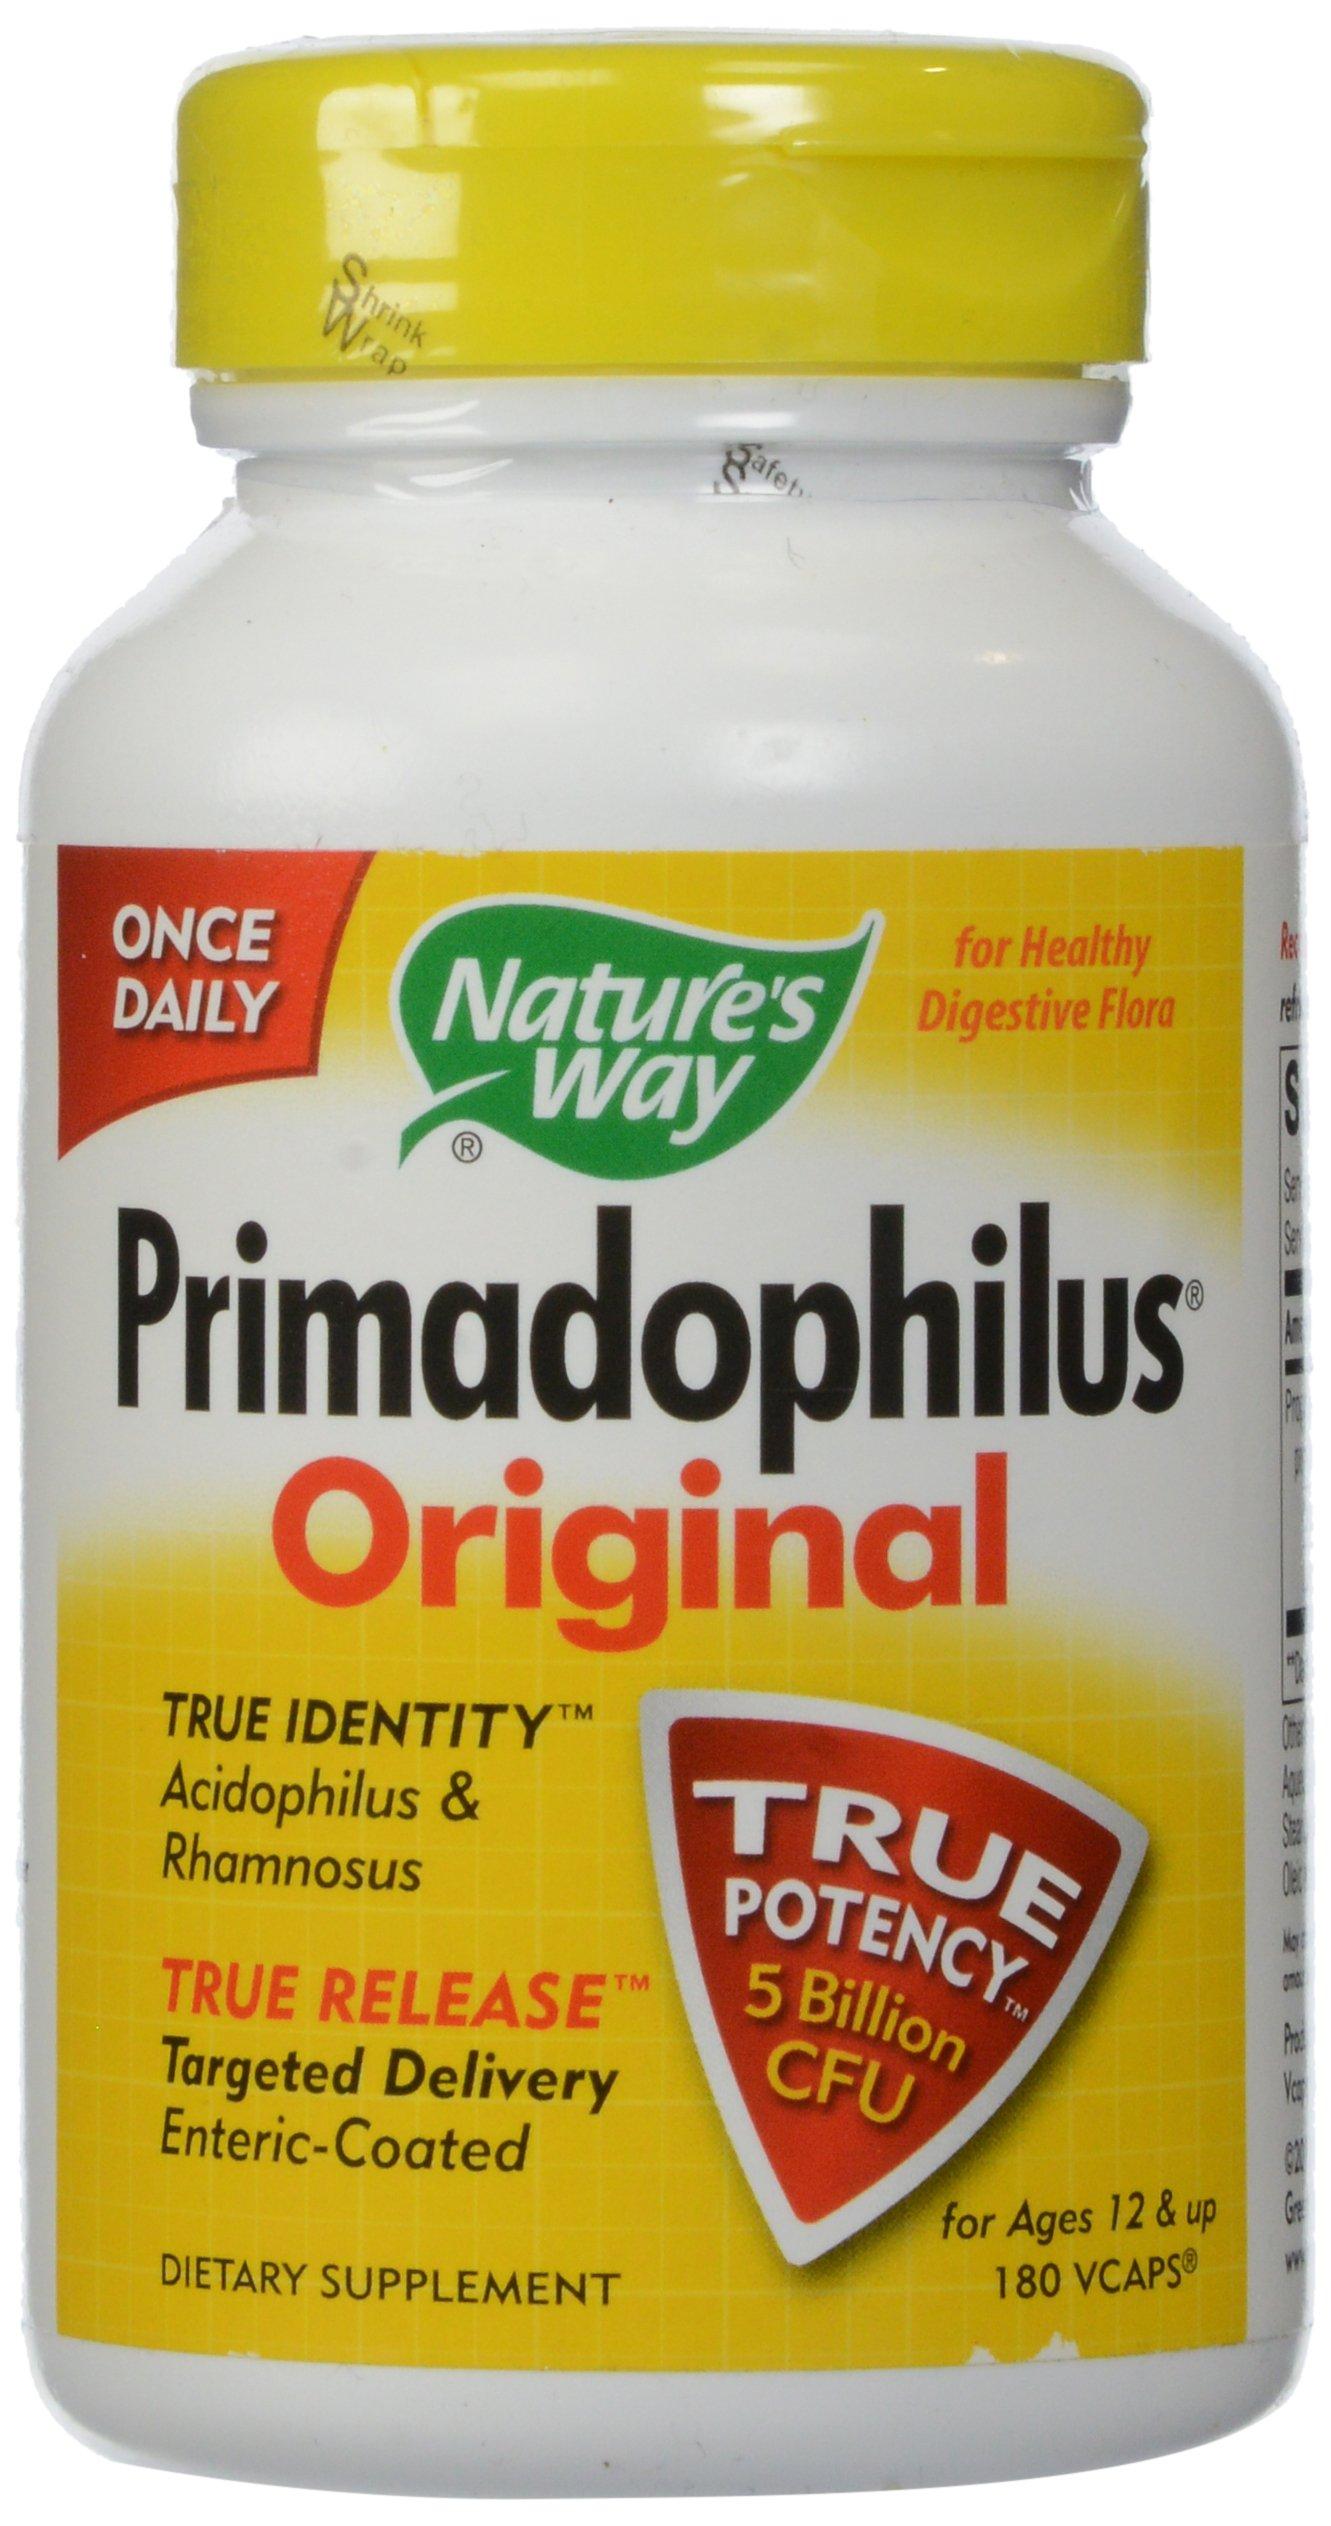 Nature's Way Primadophilus Original, 180 Vcaps